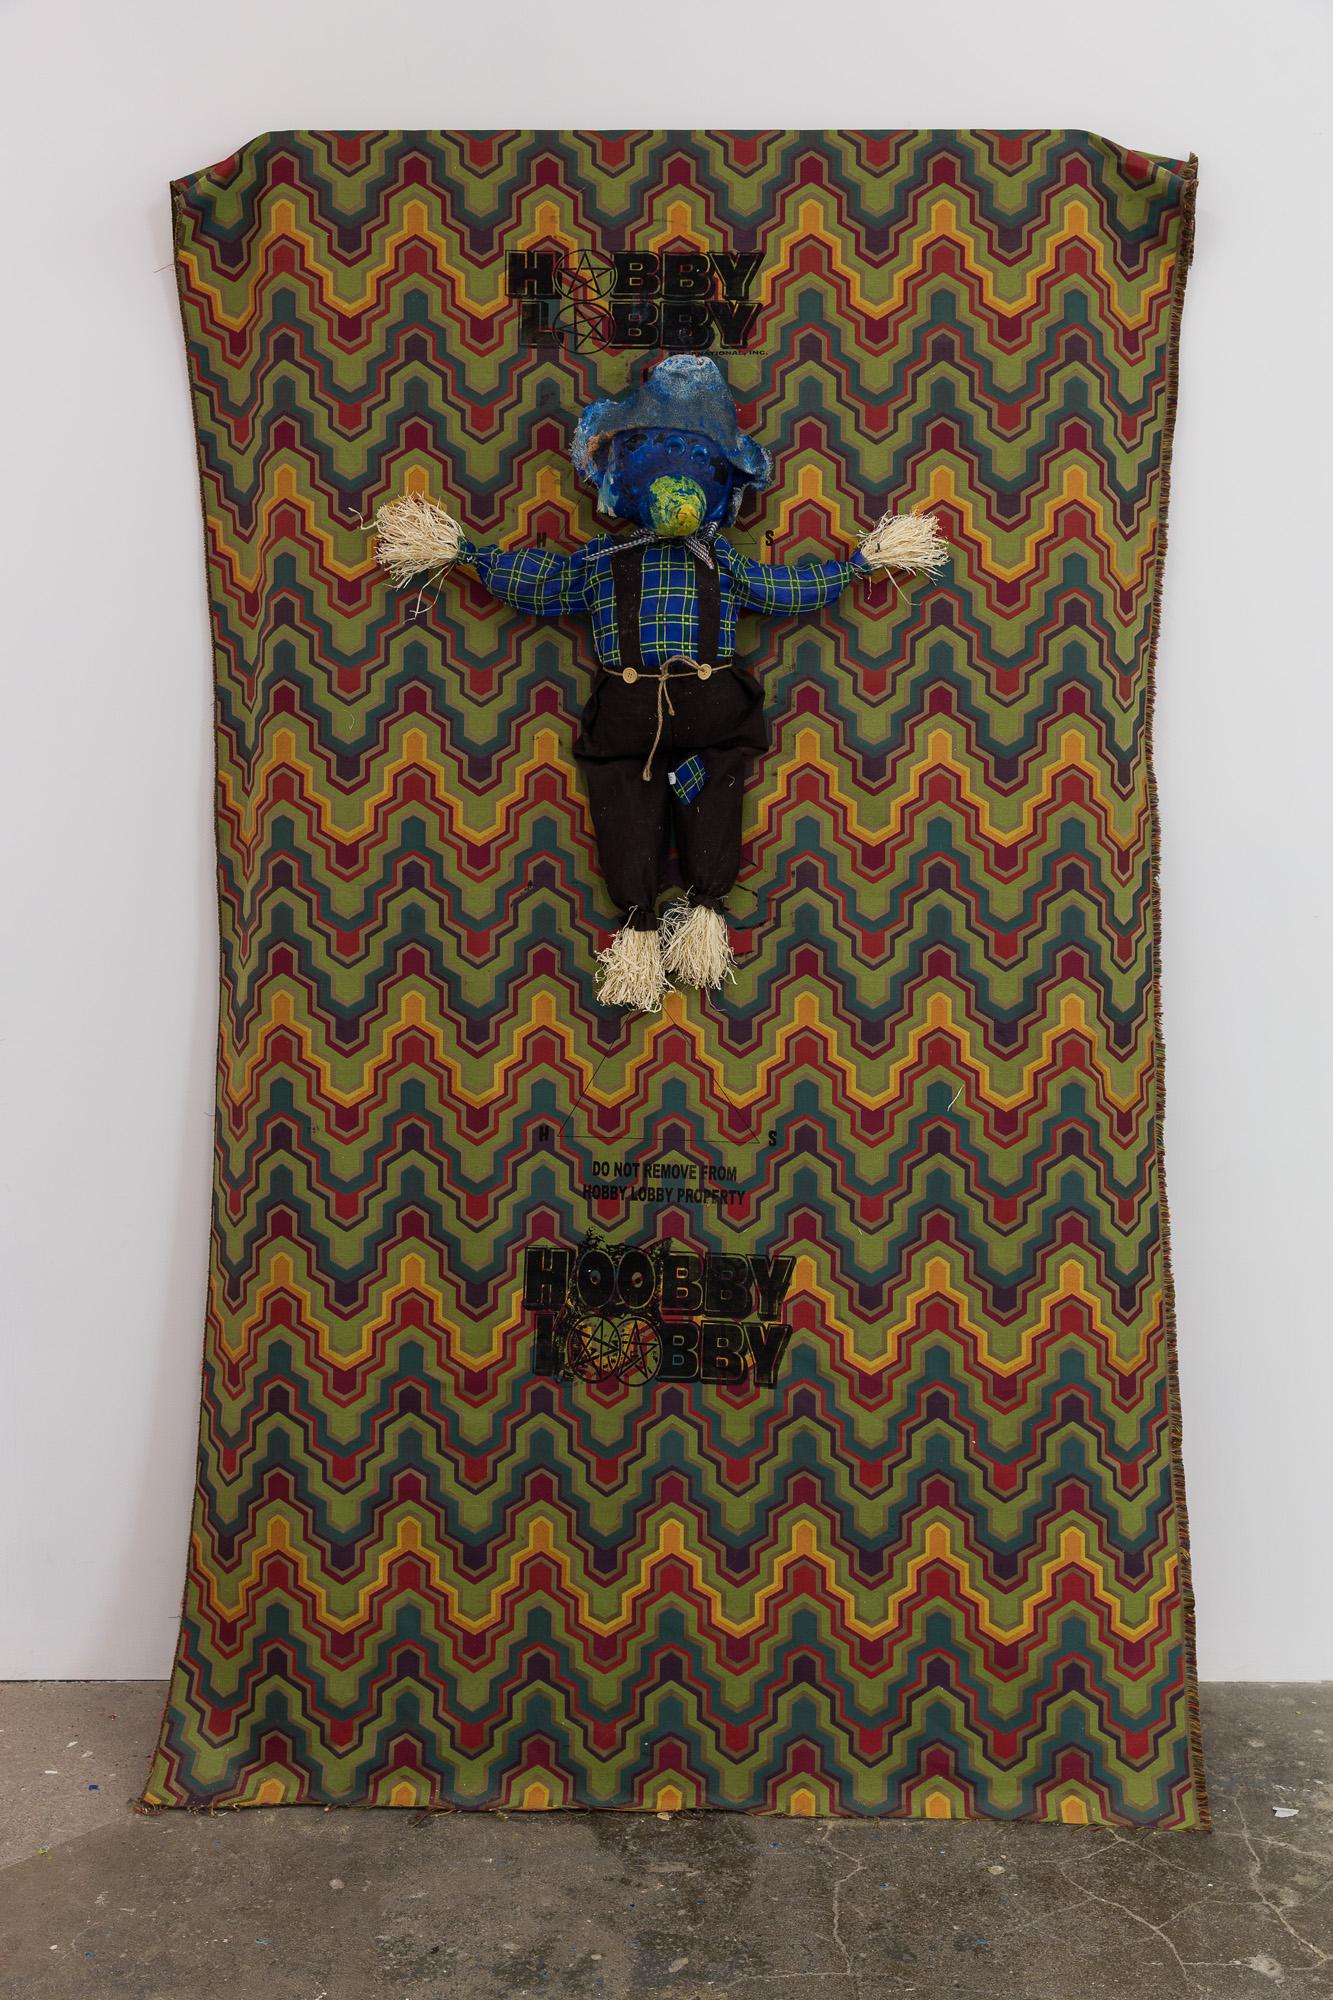 Stephen G. Rhodes Hobby Lobby Merchandise Exemptment II, 2014 hobby lobby dumbo crow, acrylic on hobby lobby shining fabric, HL peg board 224 x 117 cm 88 1/4 x 46 1/8 ins. The Eleventh Hobby , Stephen G. Rhodes